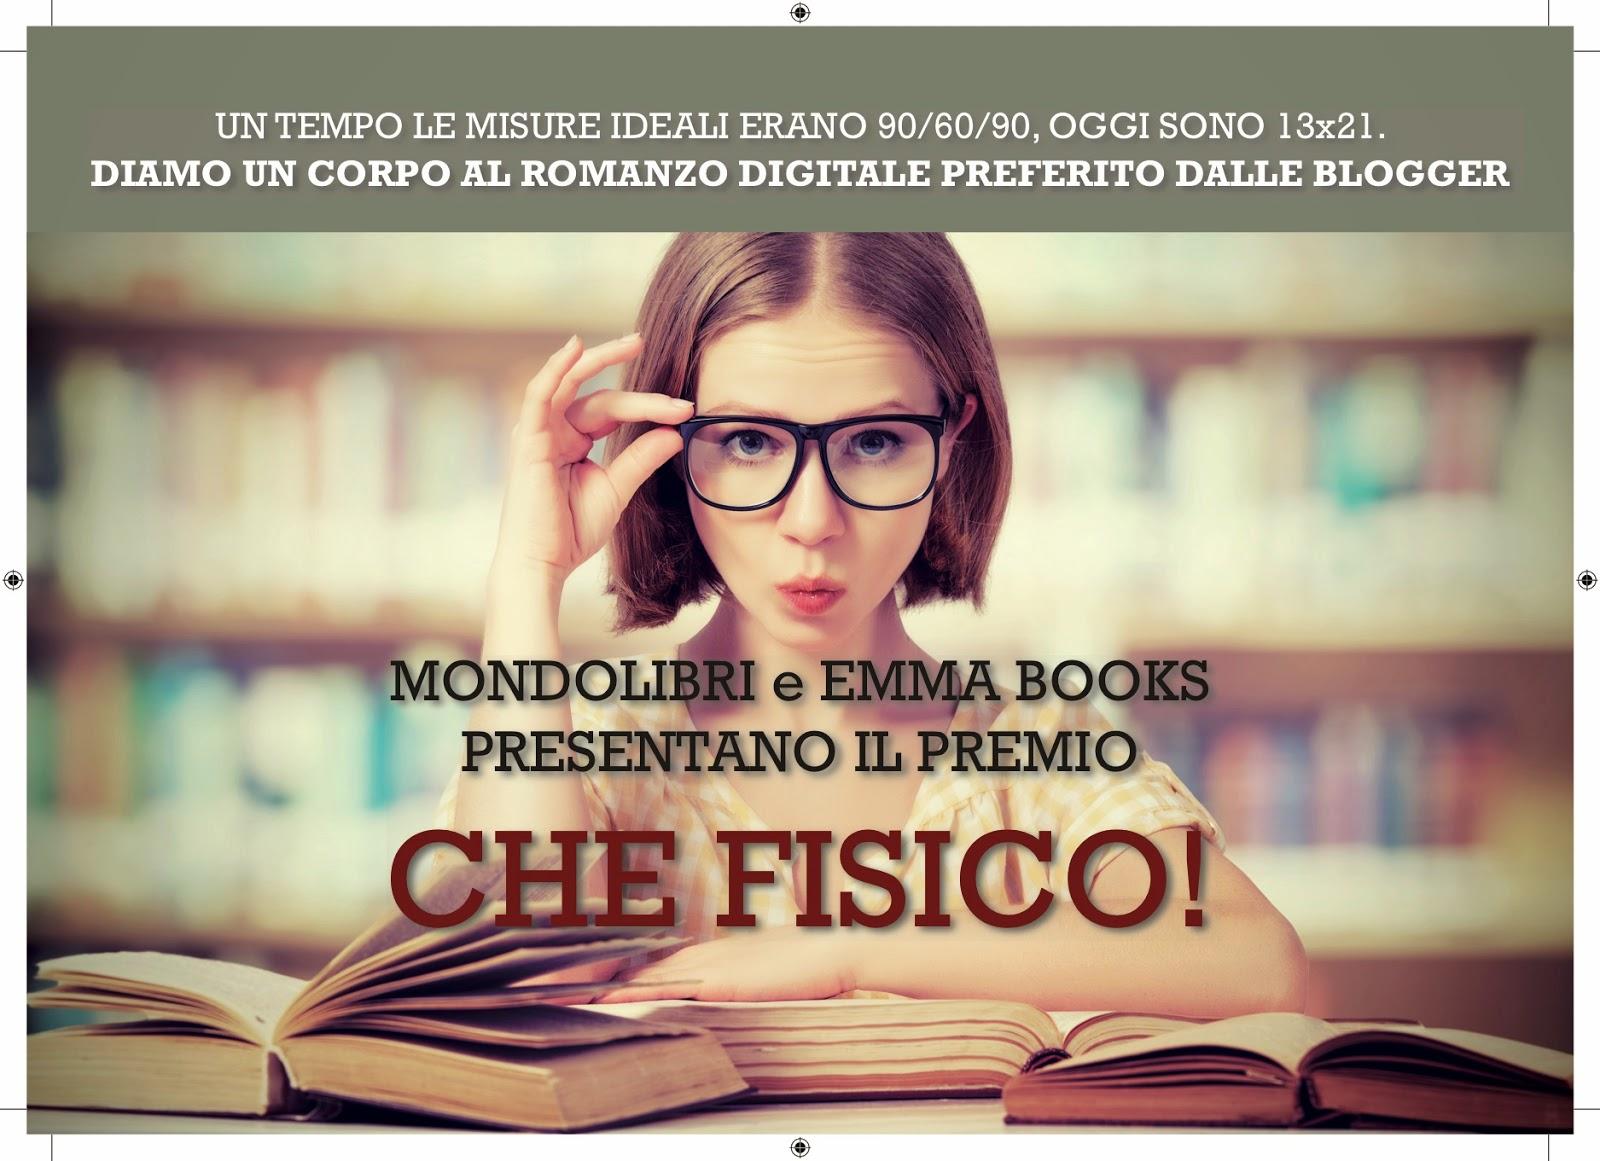 Mondolibri ed Emma Books per le autrici italiane